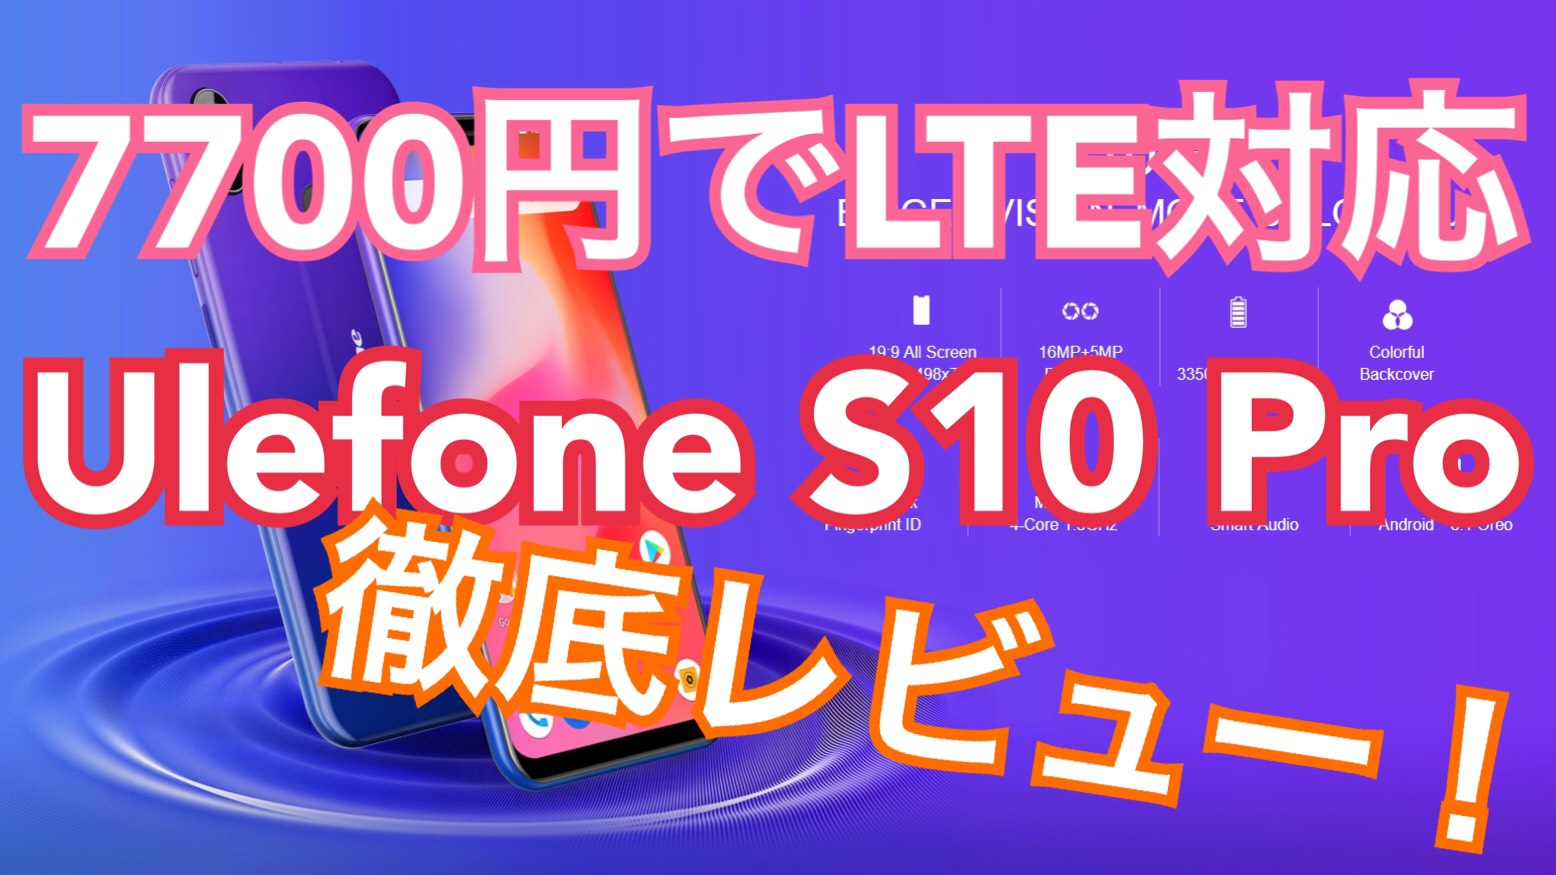 Ulefone S10 Pro etecatch